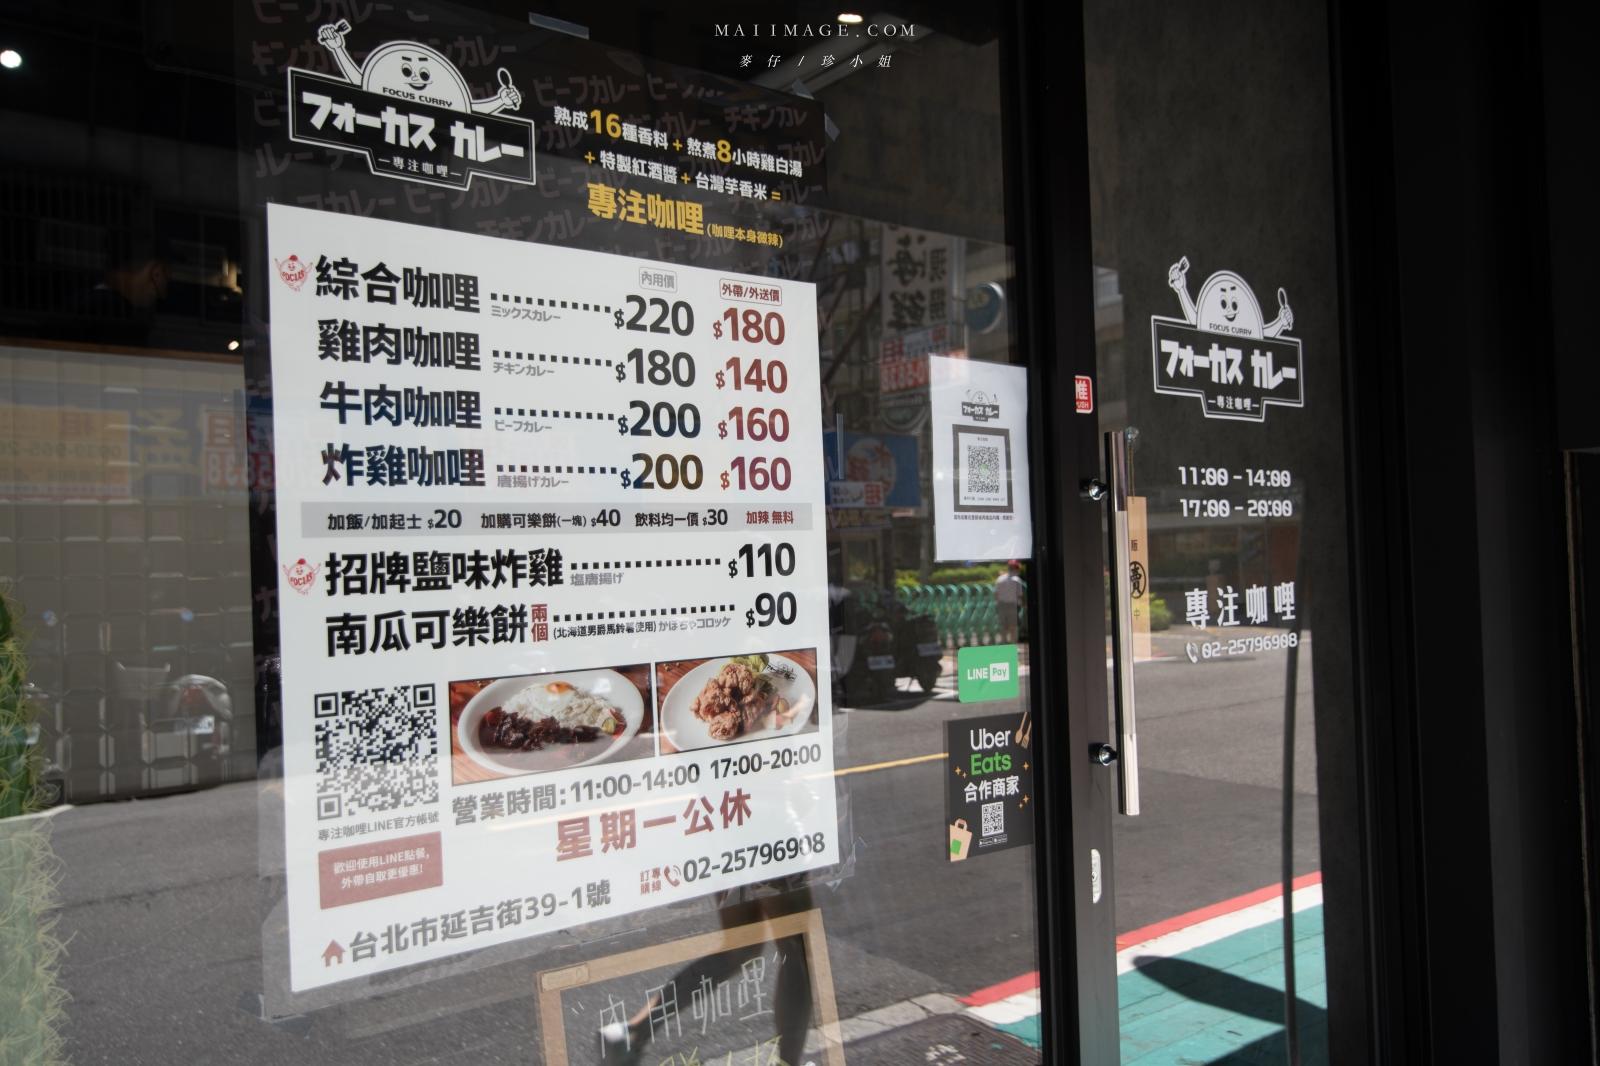 專注咖哩Focus Curry|松山區延吉街上日式咖哩專賣店~日式職人精神熟成咖哩專賣,必點鹽味炸雞、綜合咖哩!